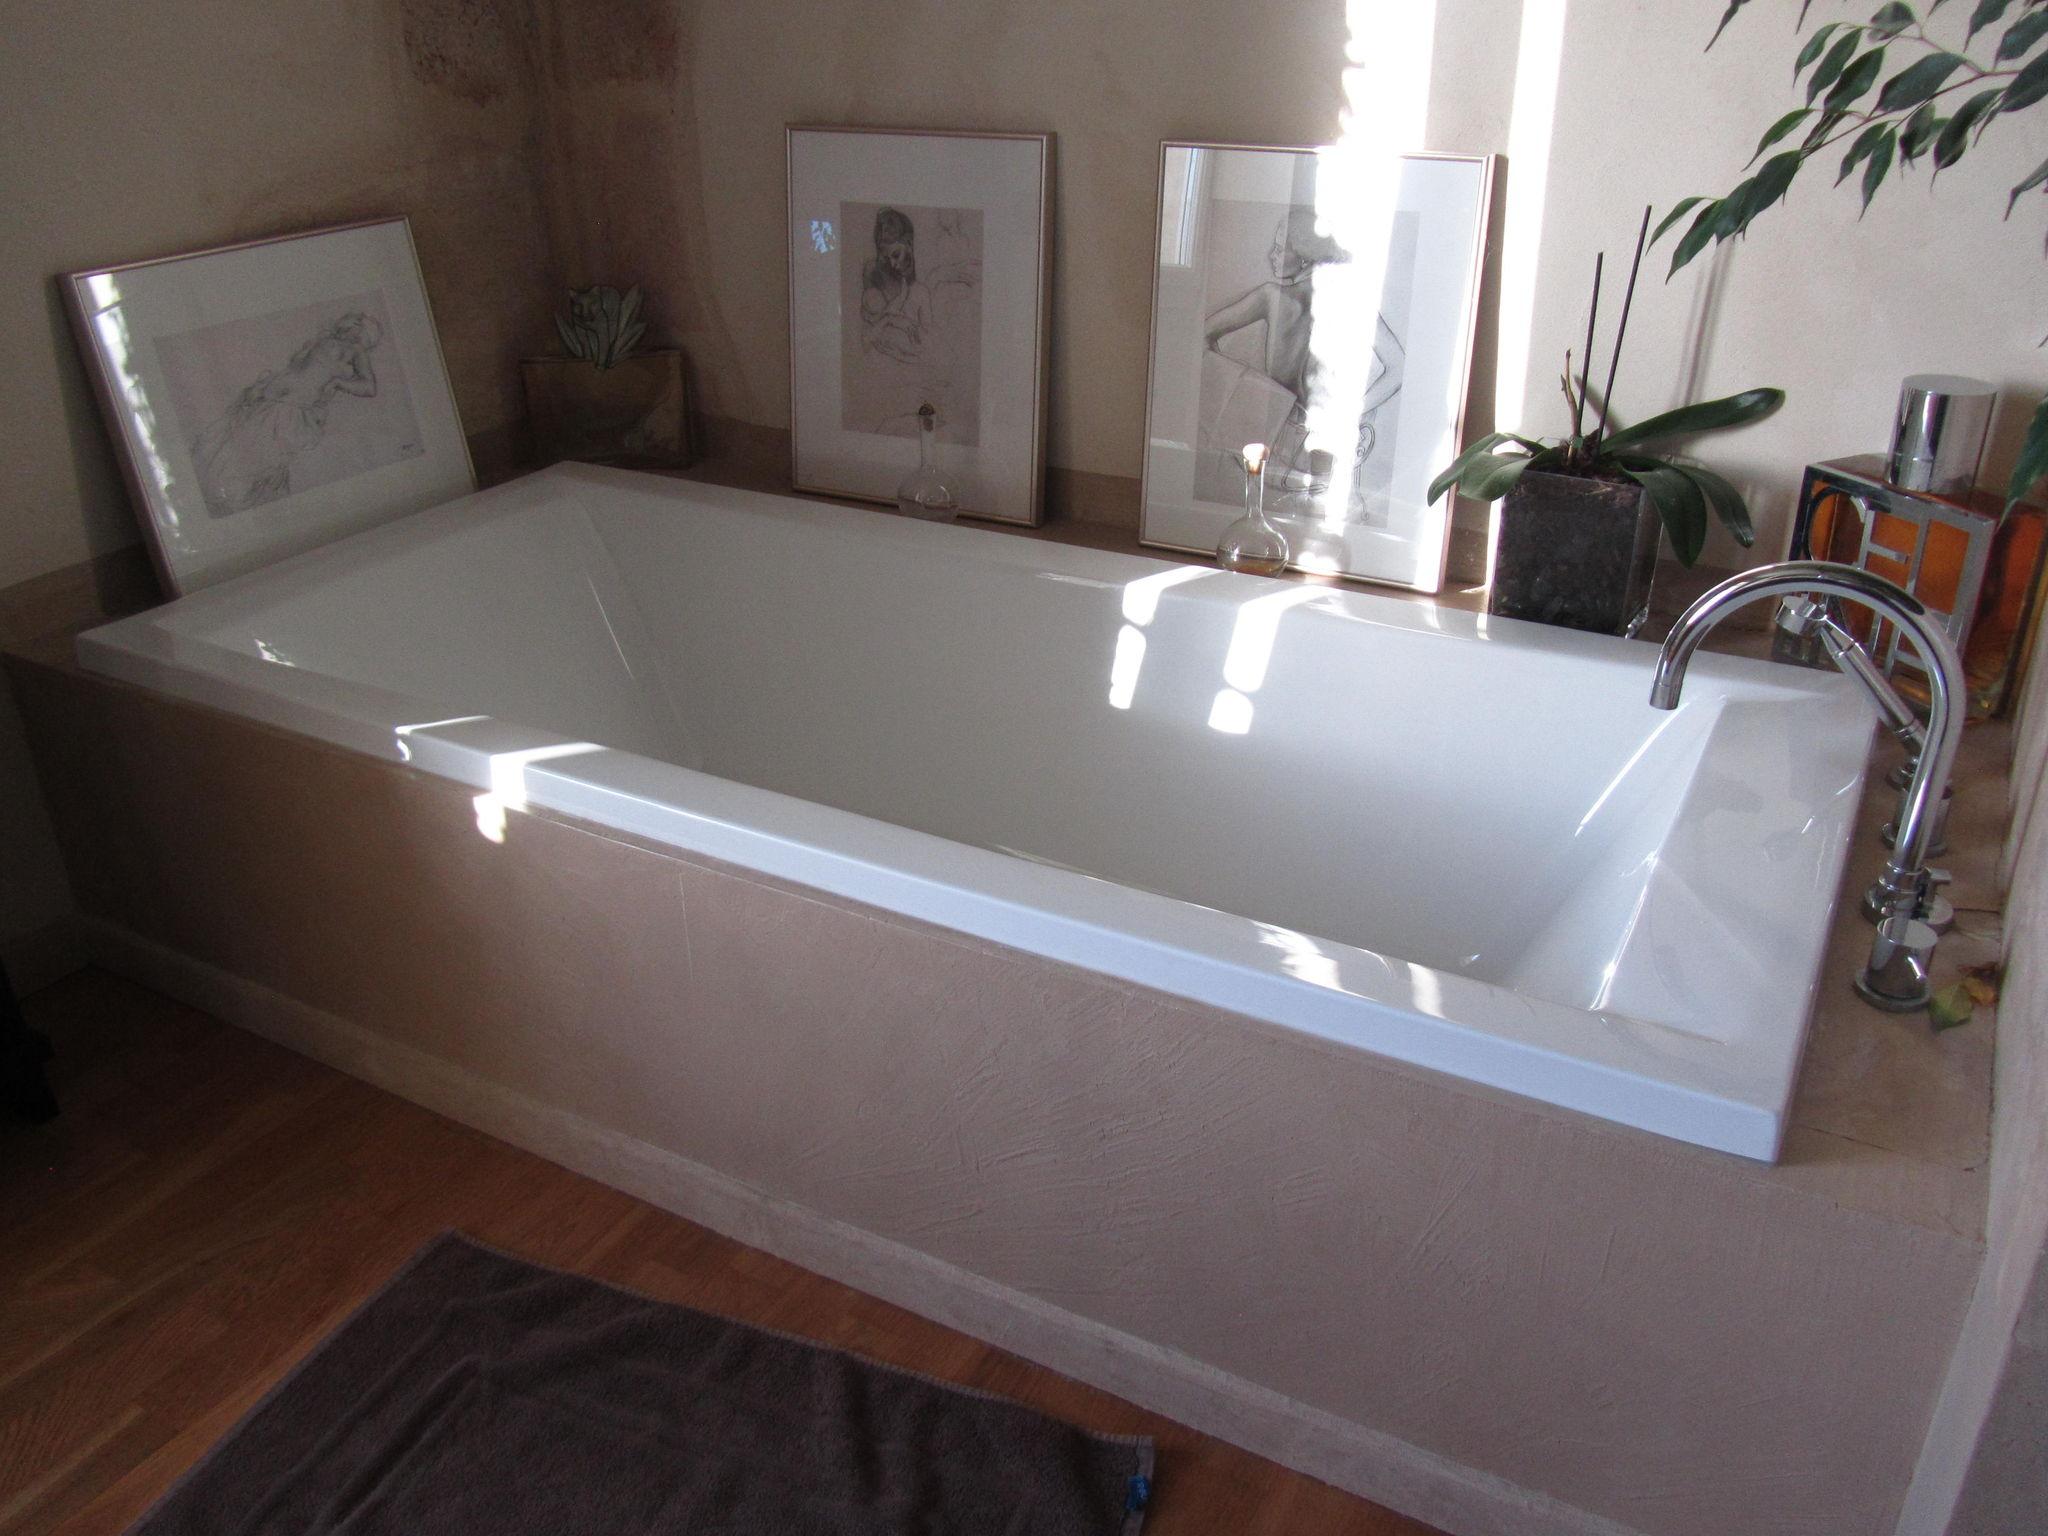 salle de bains tablier de baignoire en beton cire photo de - Beton Cire Salle De Bain Sur Faience